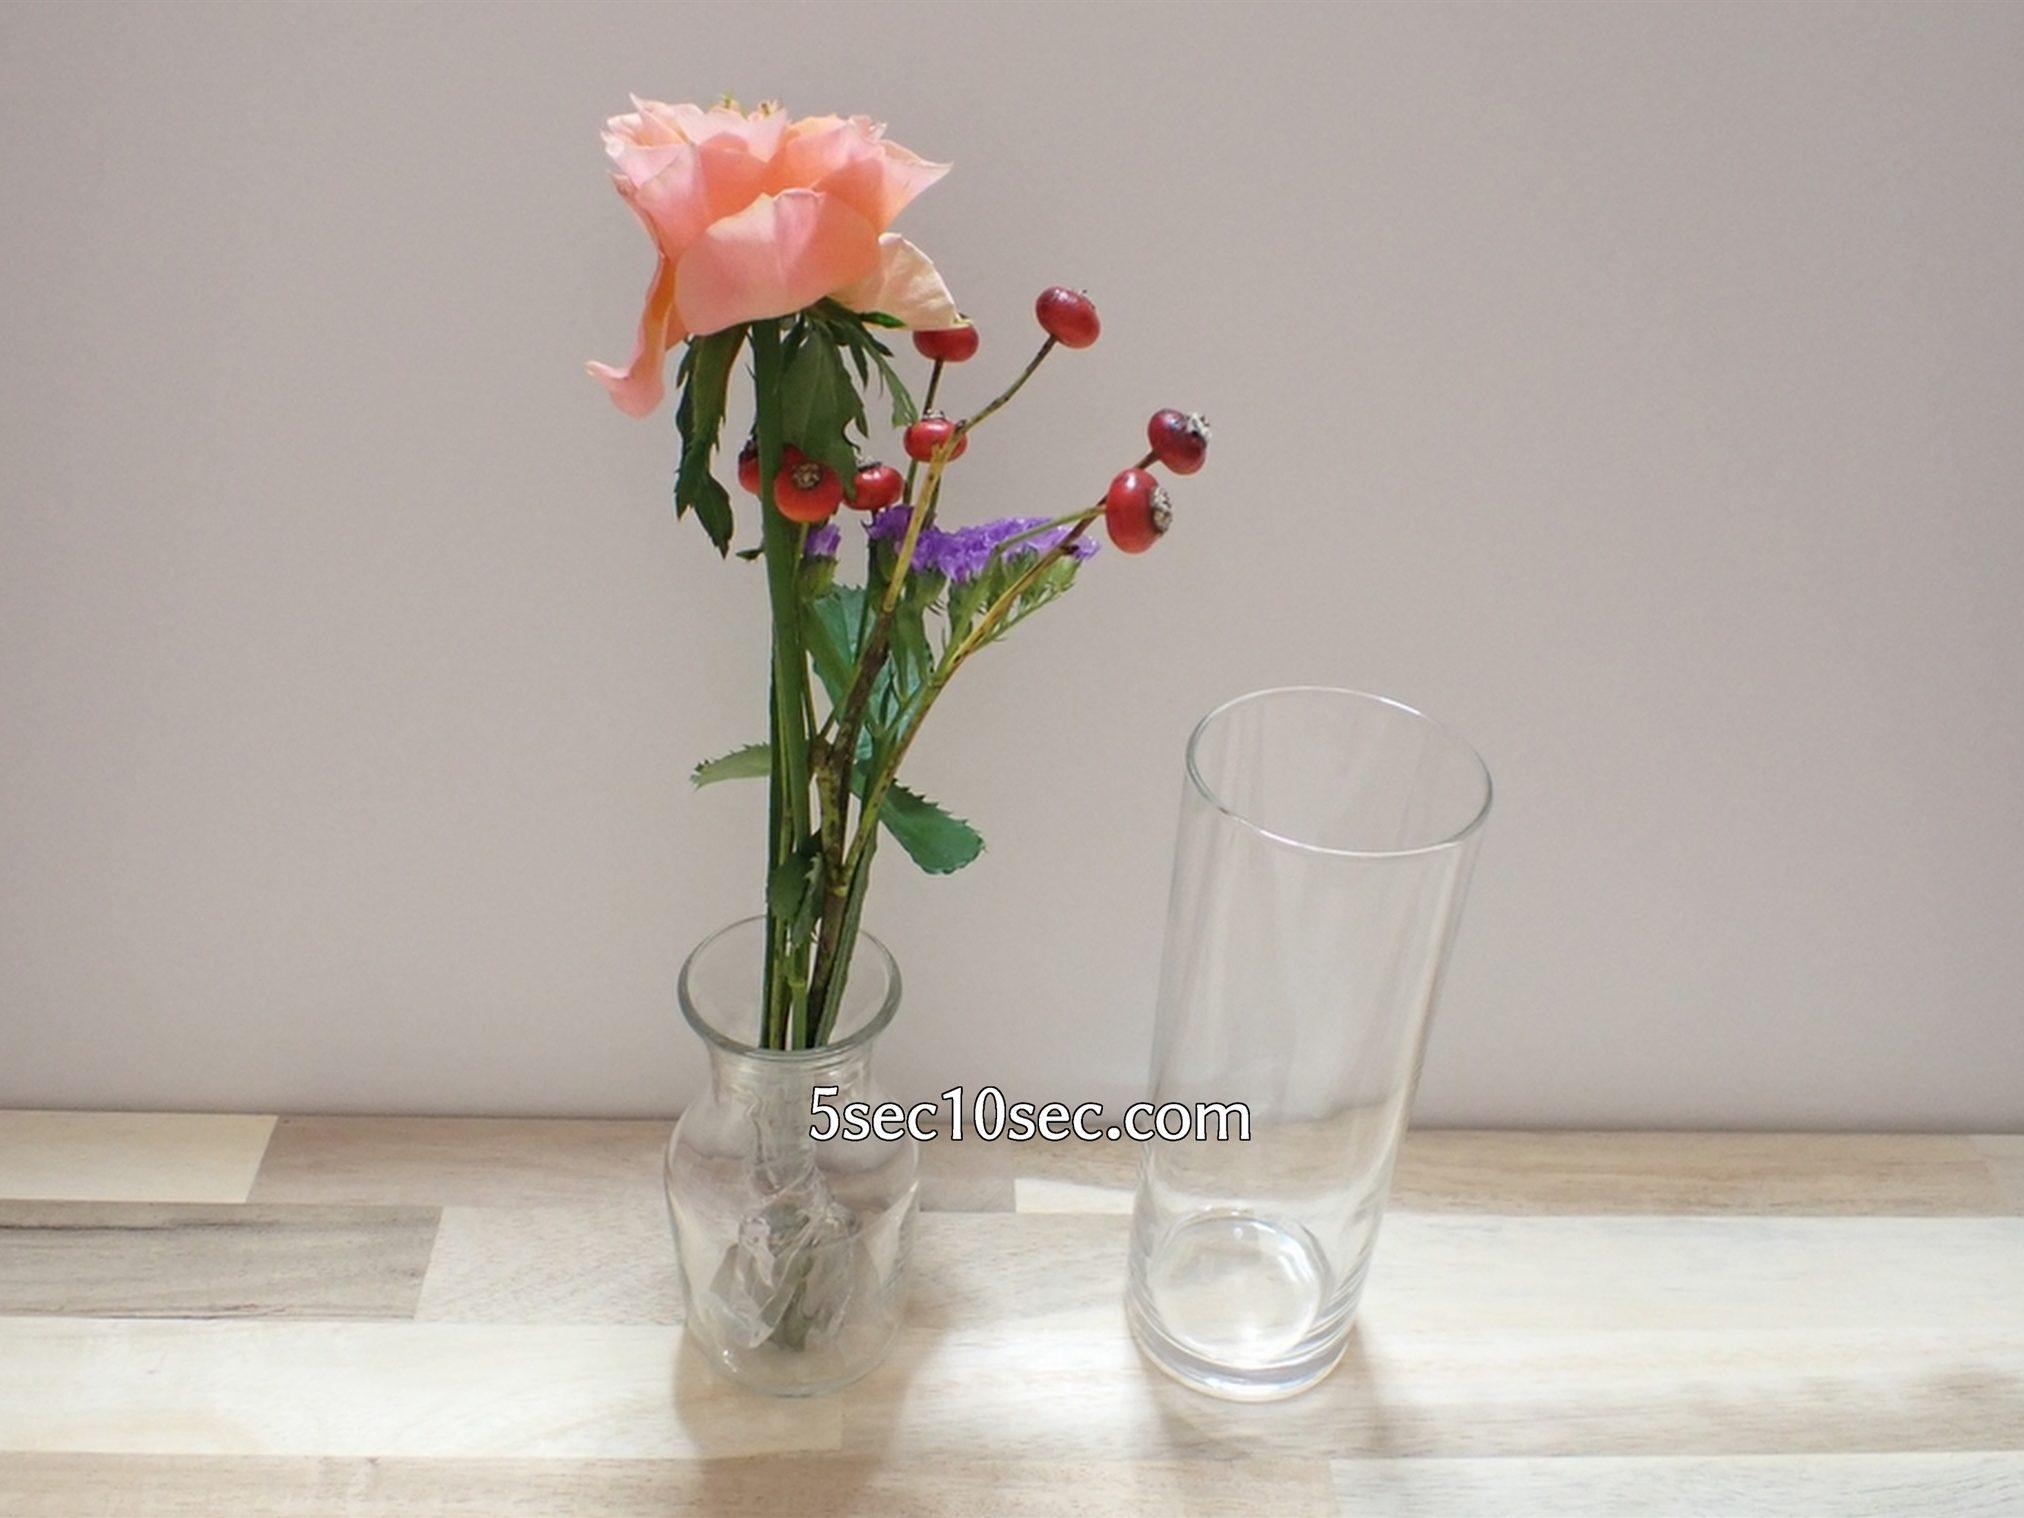 株式会社Crunch Style お花の定期便 Bloomee LIFE ブルーミーライフ 500円(税別・送料別)の体験プラン 50ml程度の小さな小瓶にお花を生けた写真